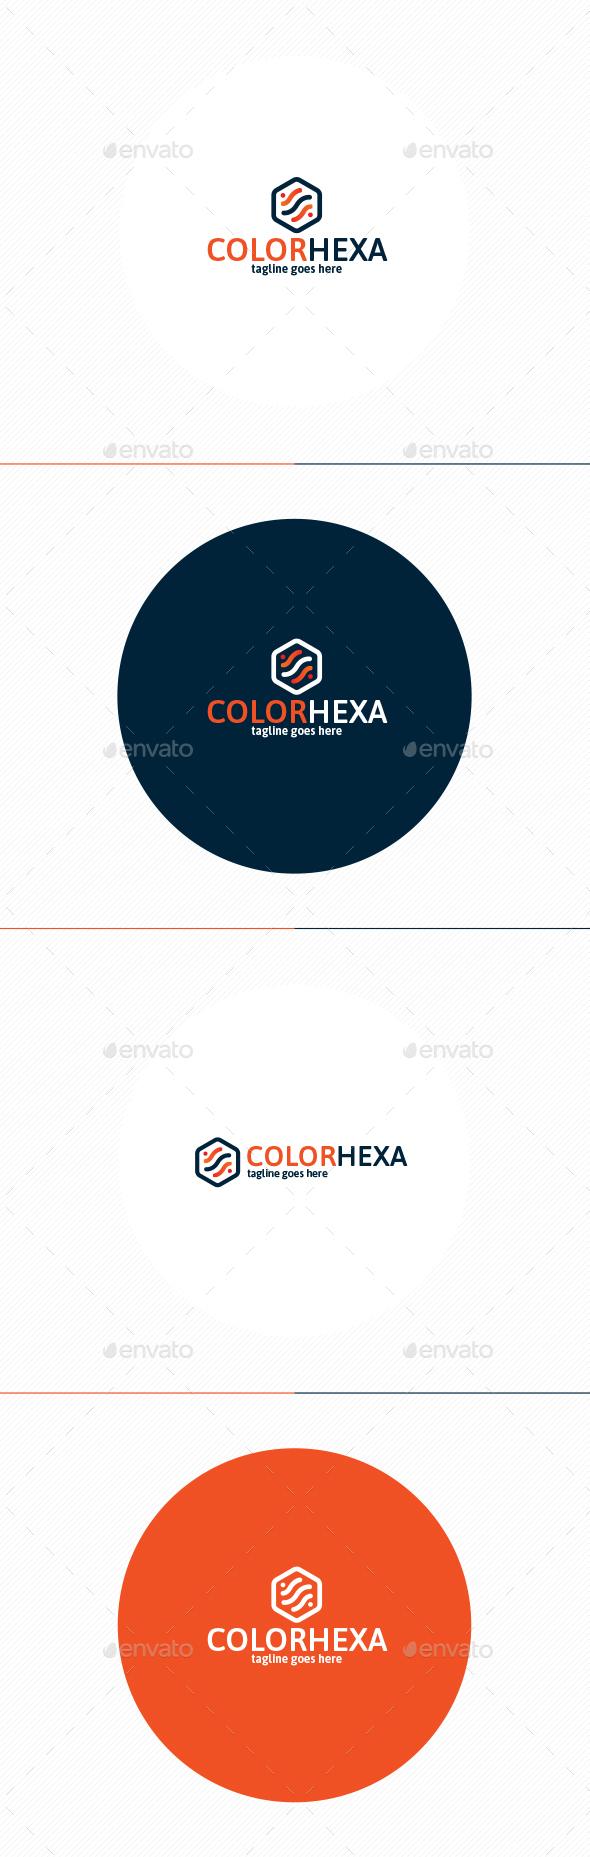 Color Hexa Logo - Vector Abstract